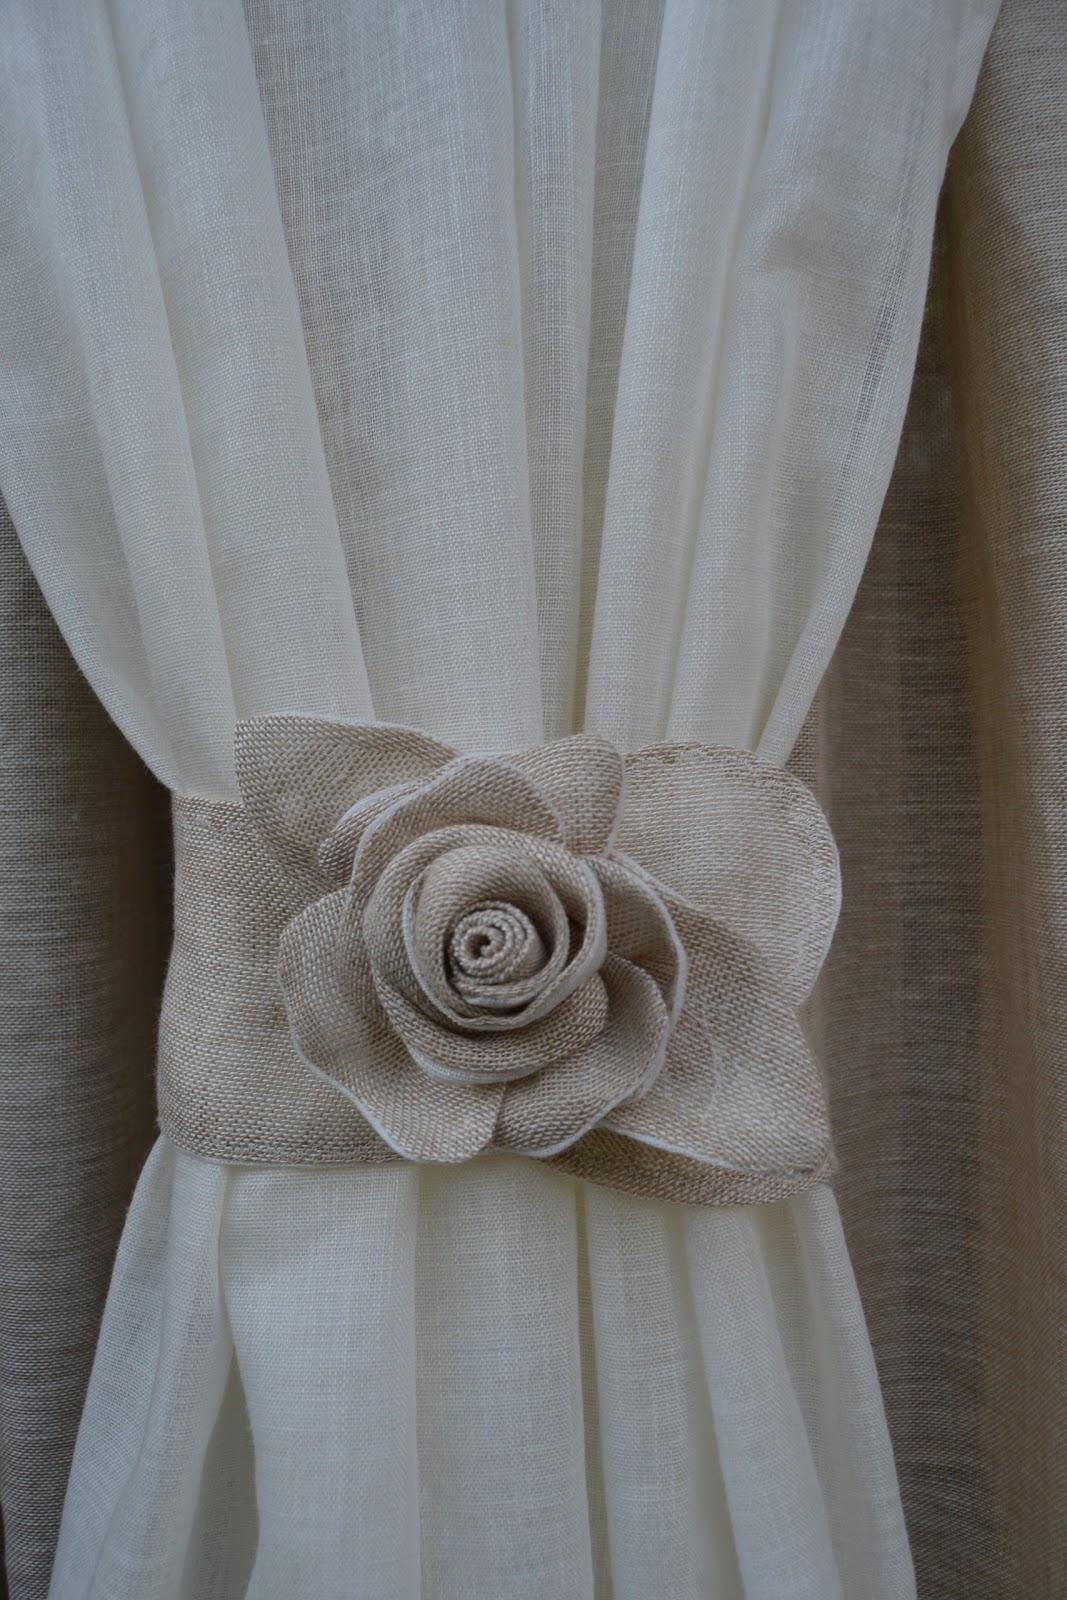 Rosa per tende in lino - Tende di lino per cucina ...